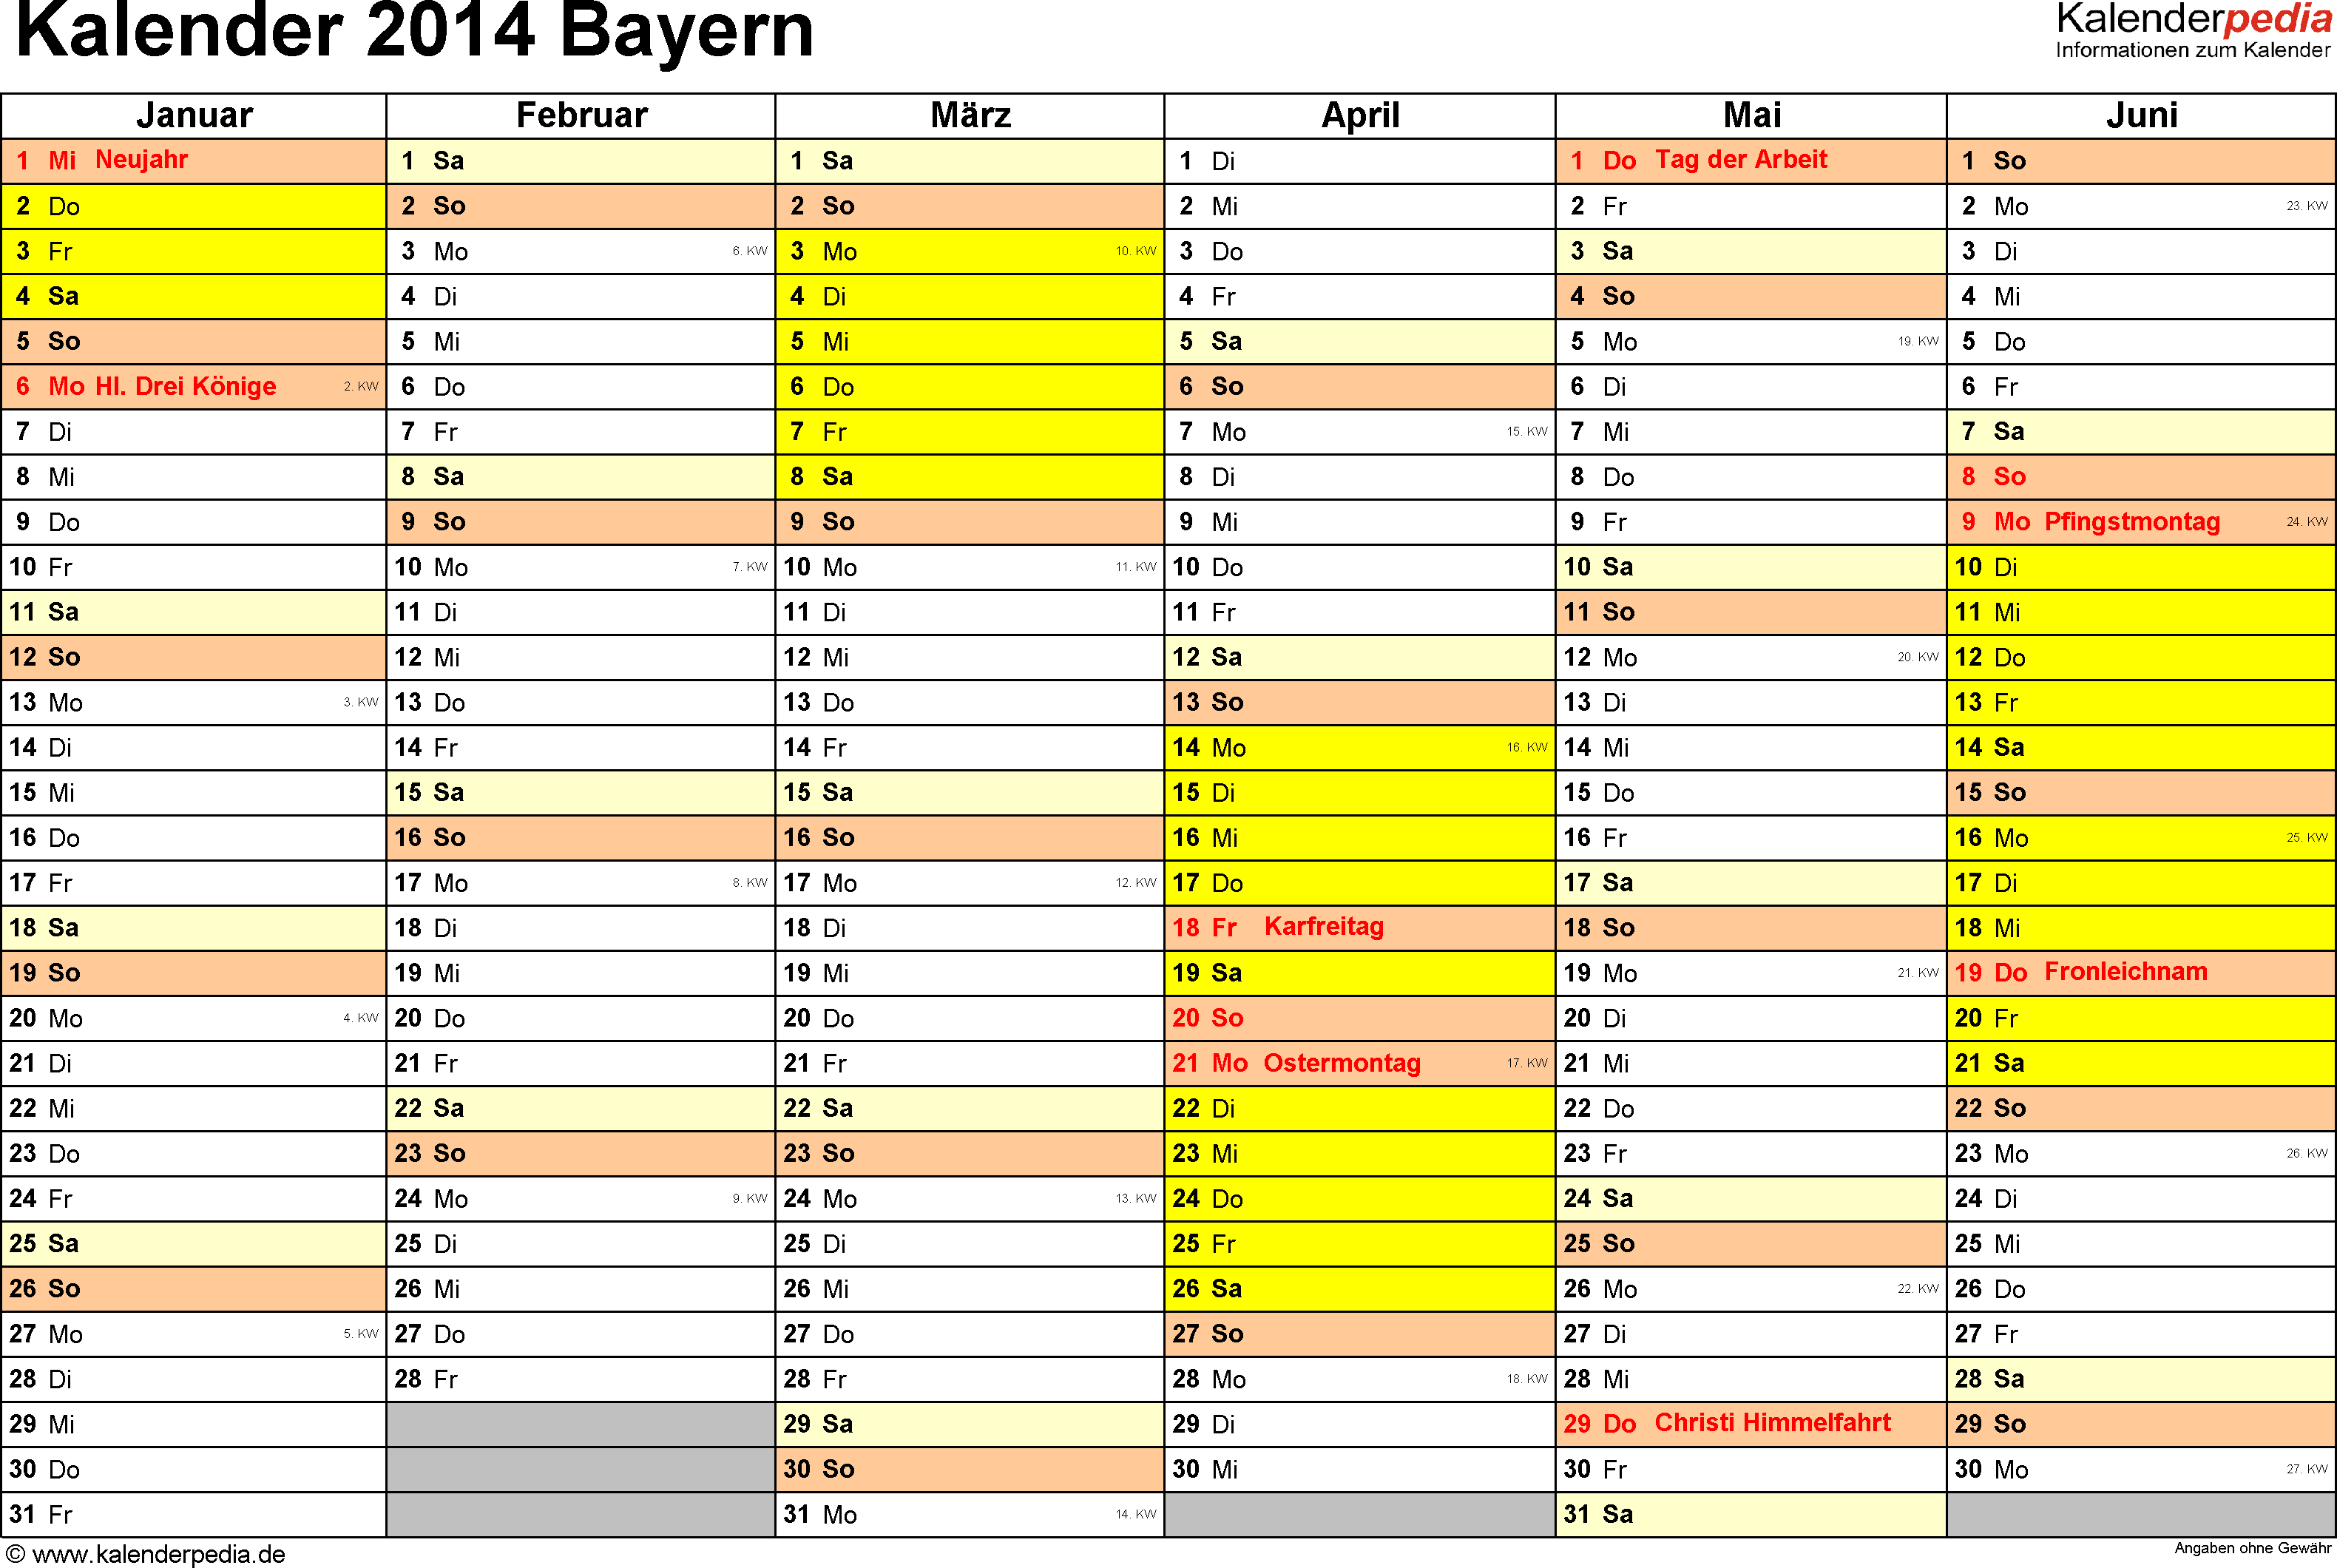 Vorlage 2: Kalender 2014 für Bayern als Excel-Vorlage (Querformat, 2 Seiten)